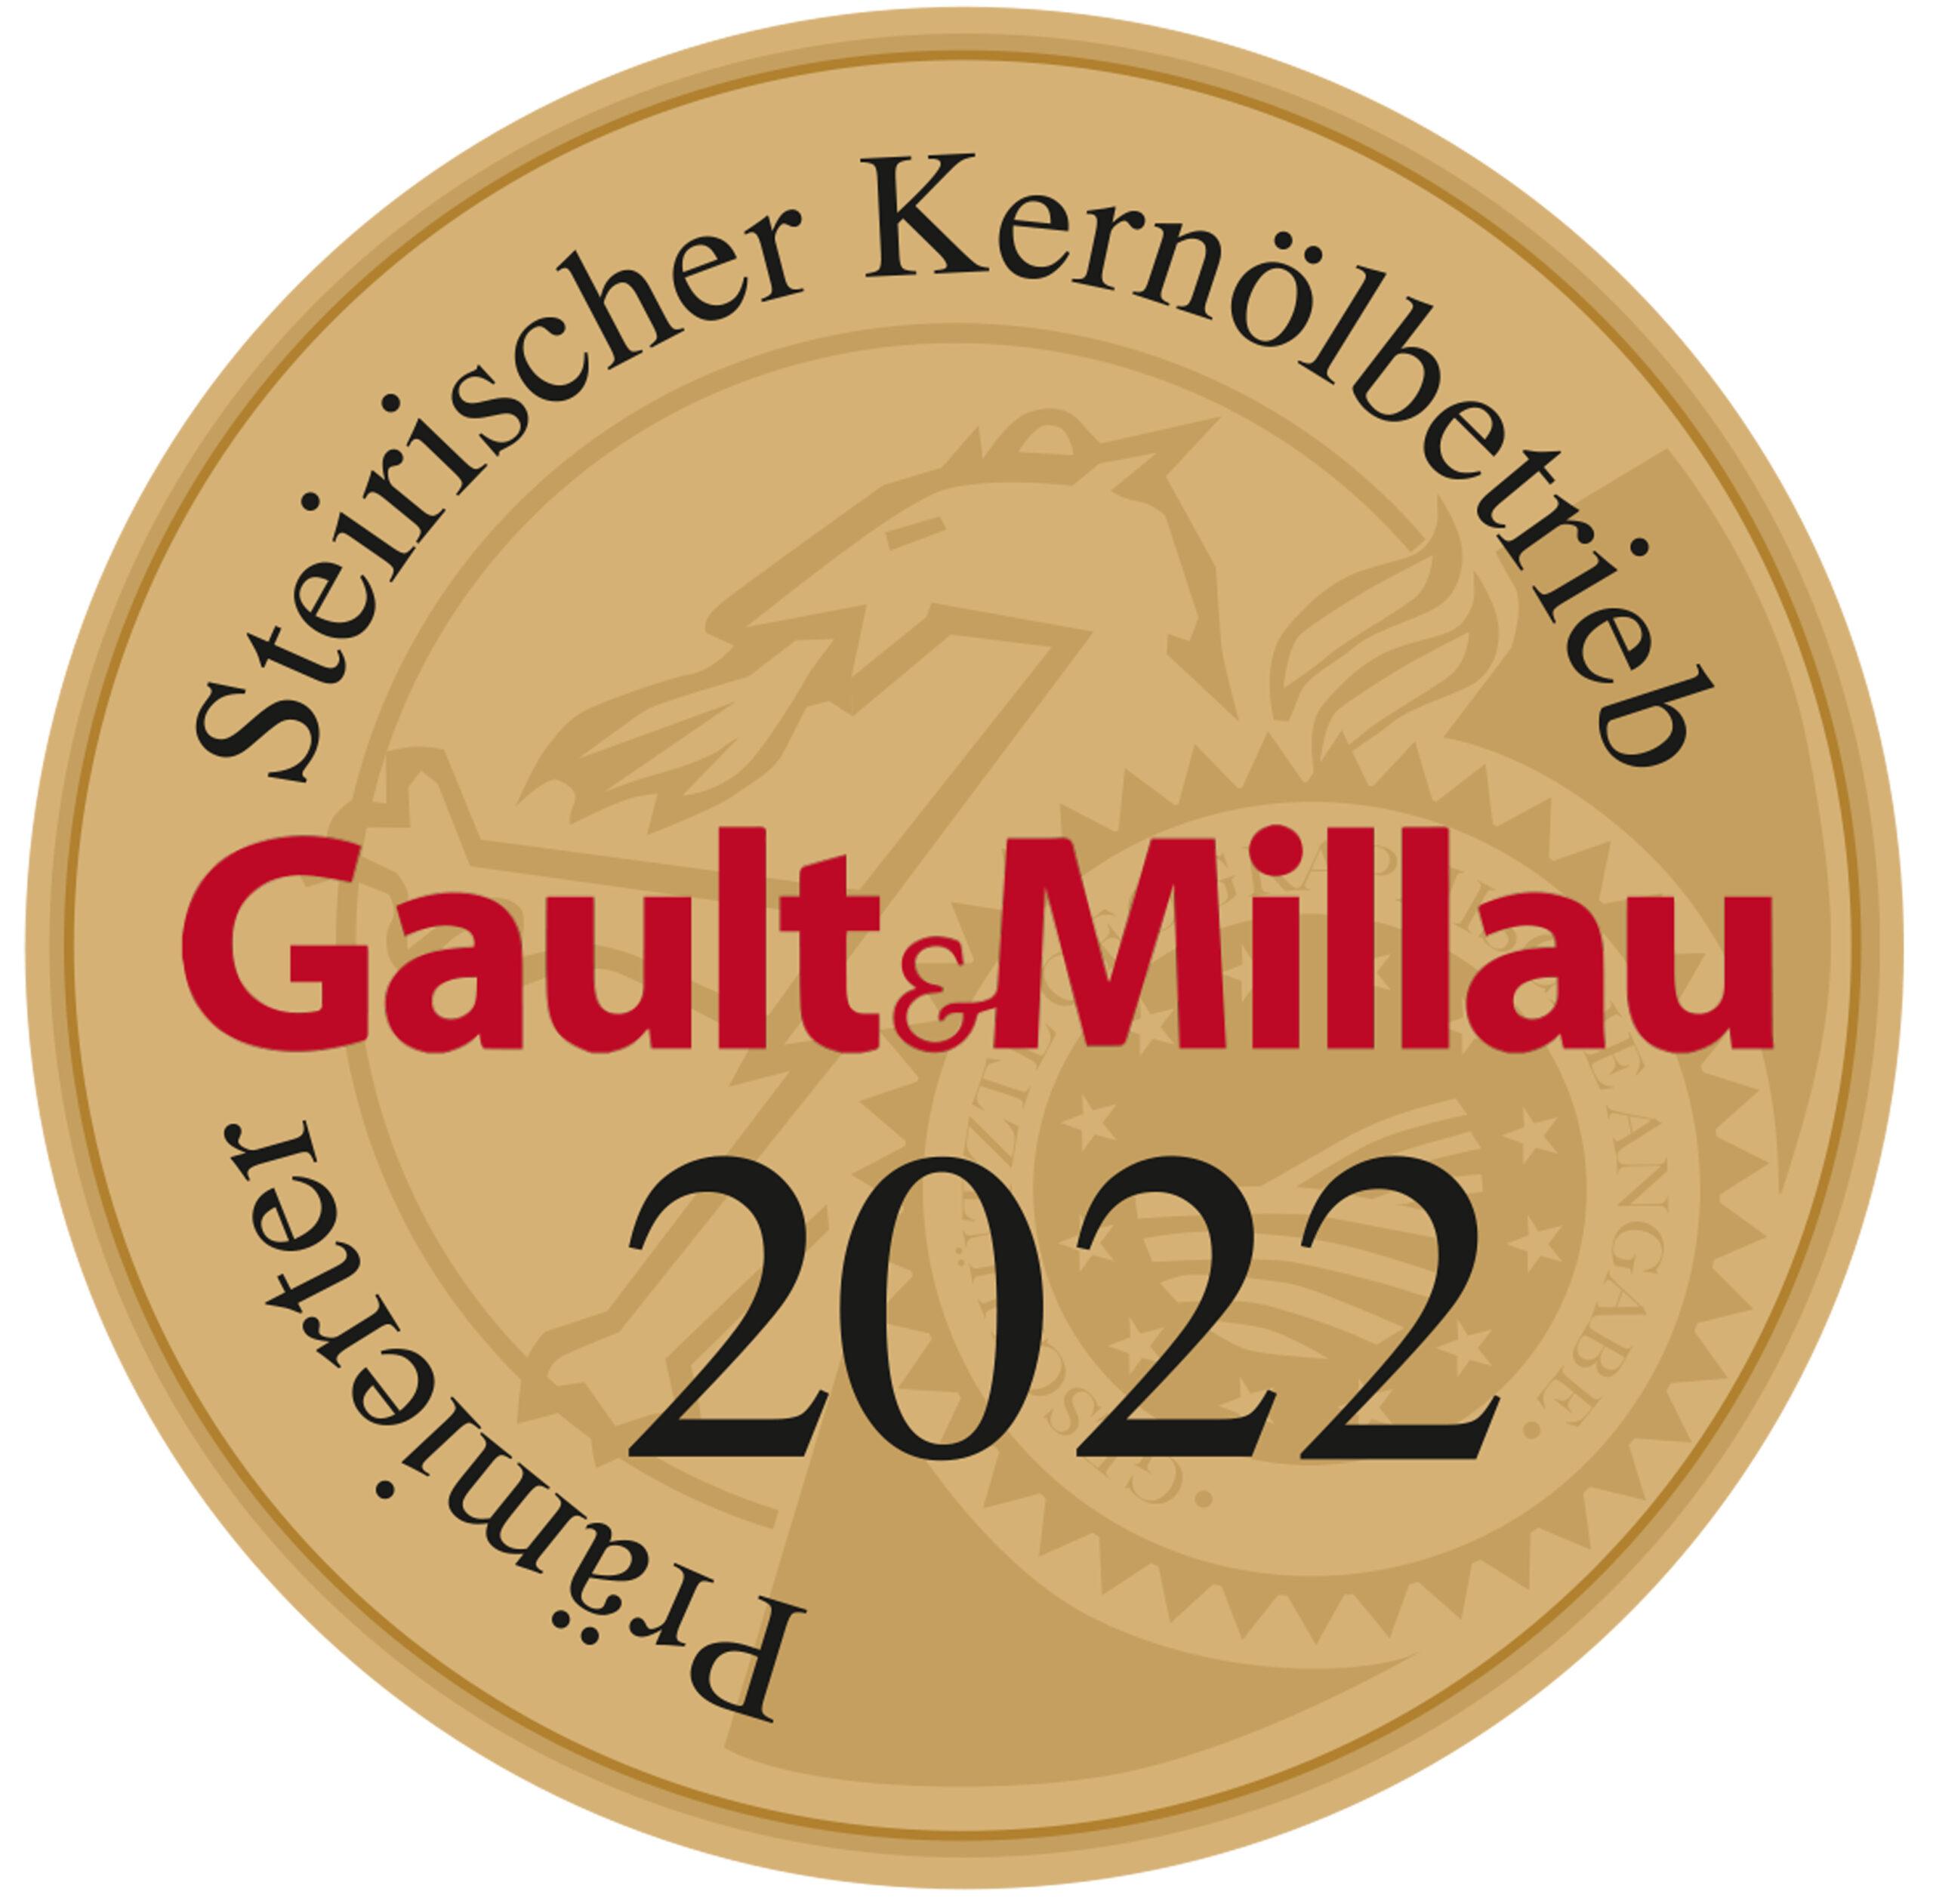 Gaultmillau 2020 Notloesung Bearbeitbar